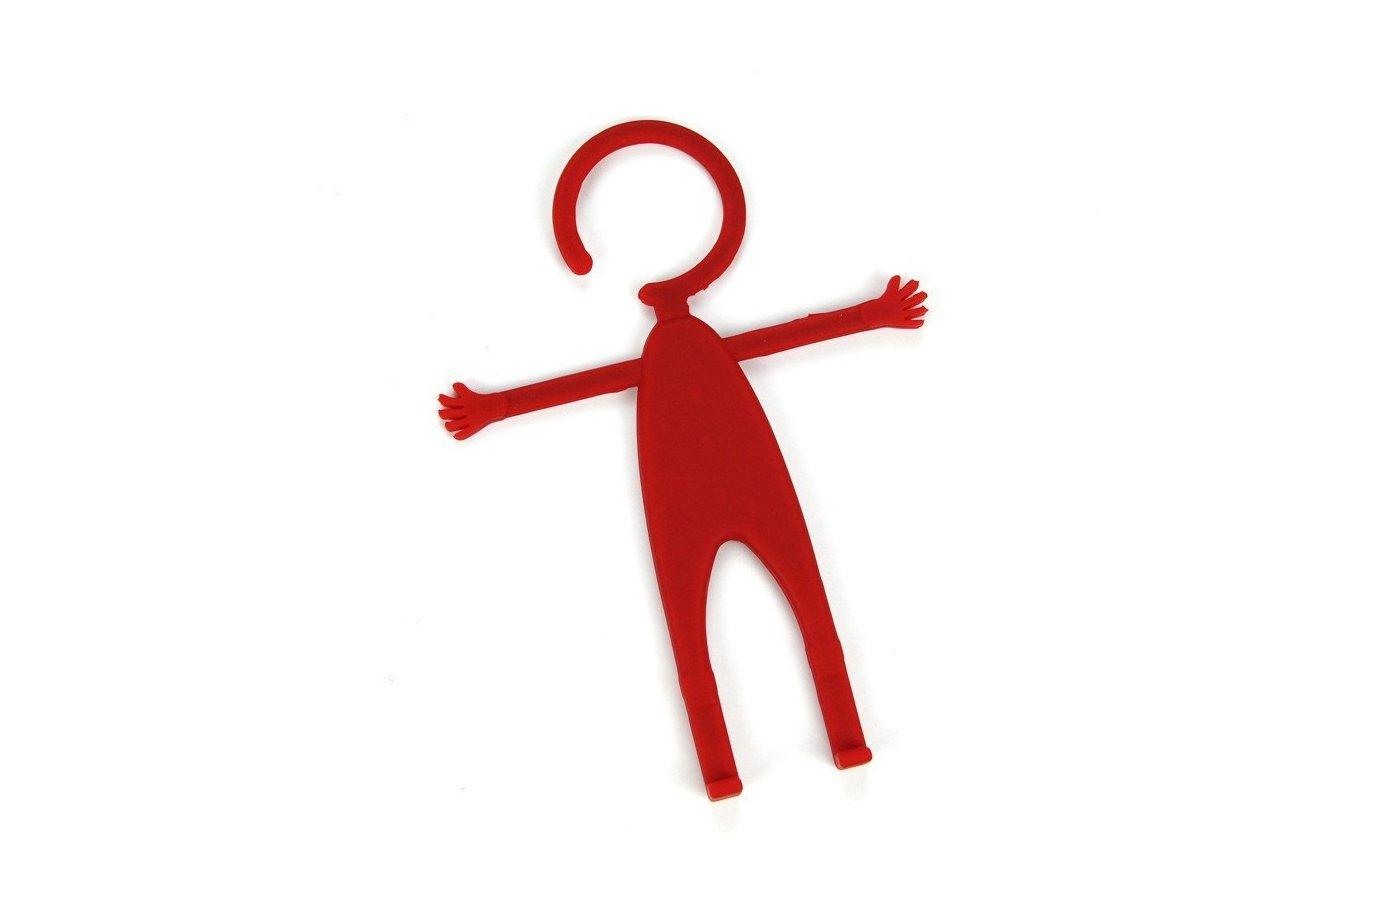 Держатель для телефона Partner Mr.Flex силиконовый красный